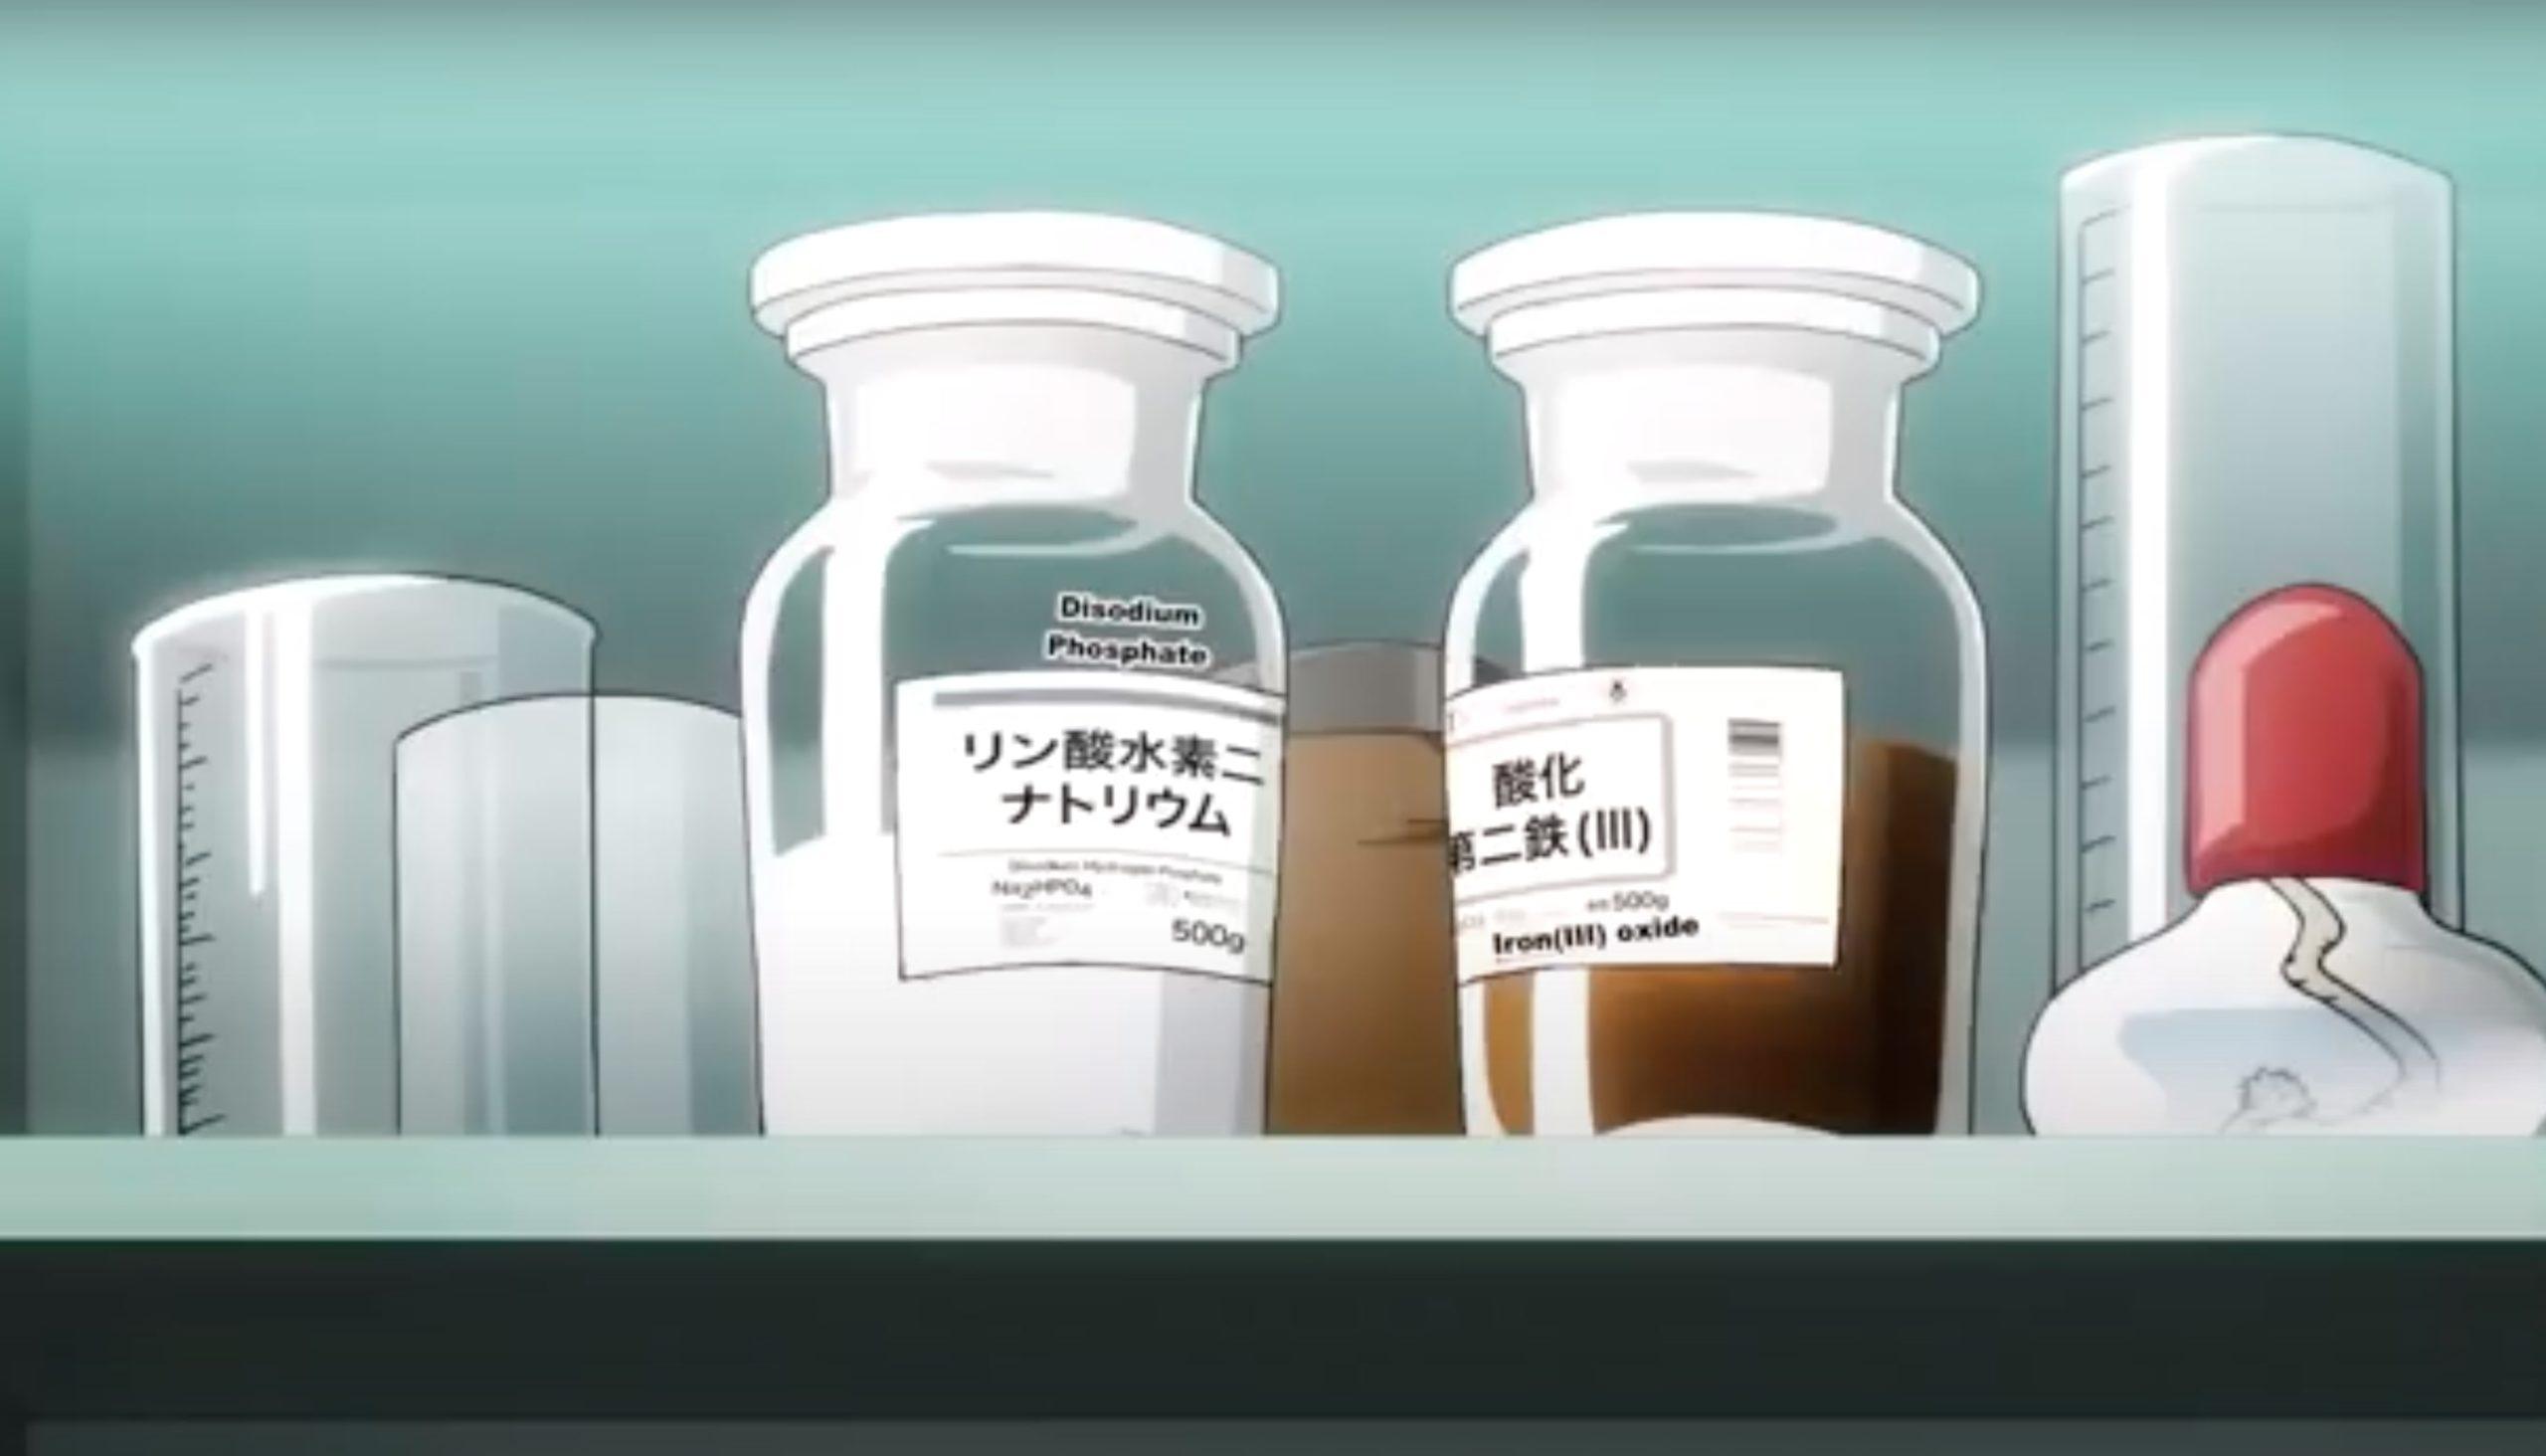 灰原が飲んだのは何で薬品入りコーヒー?